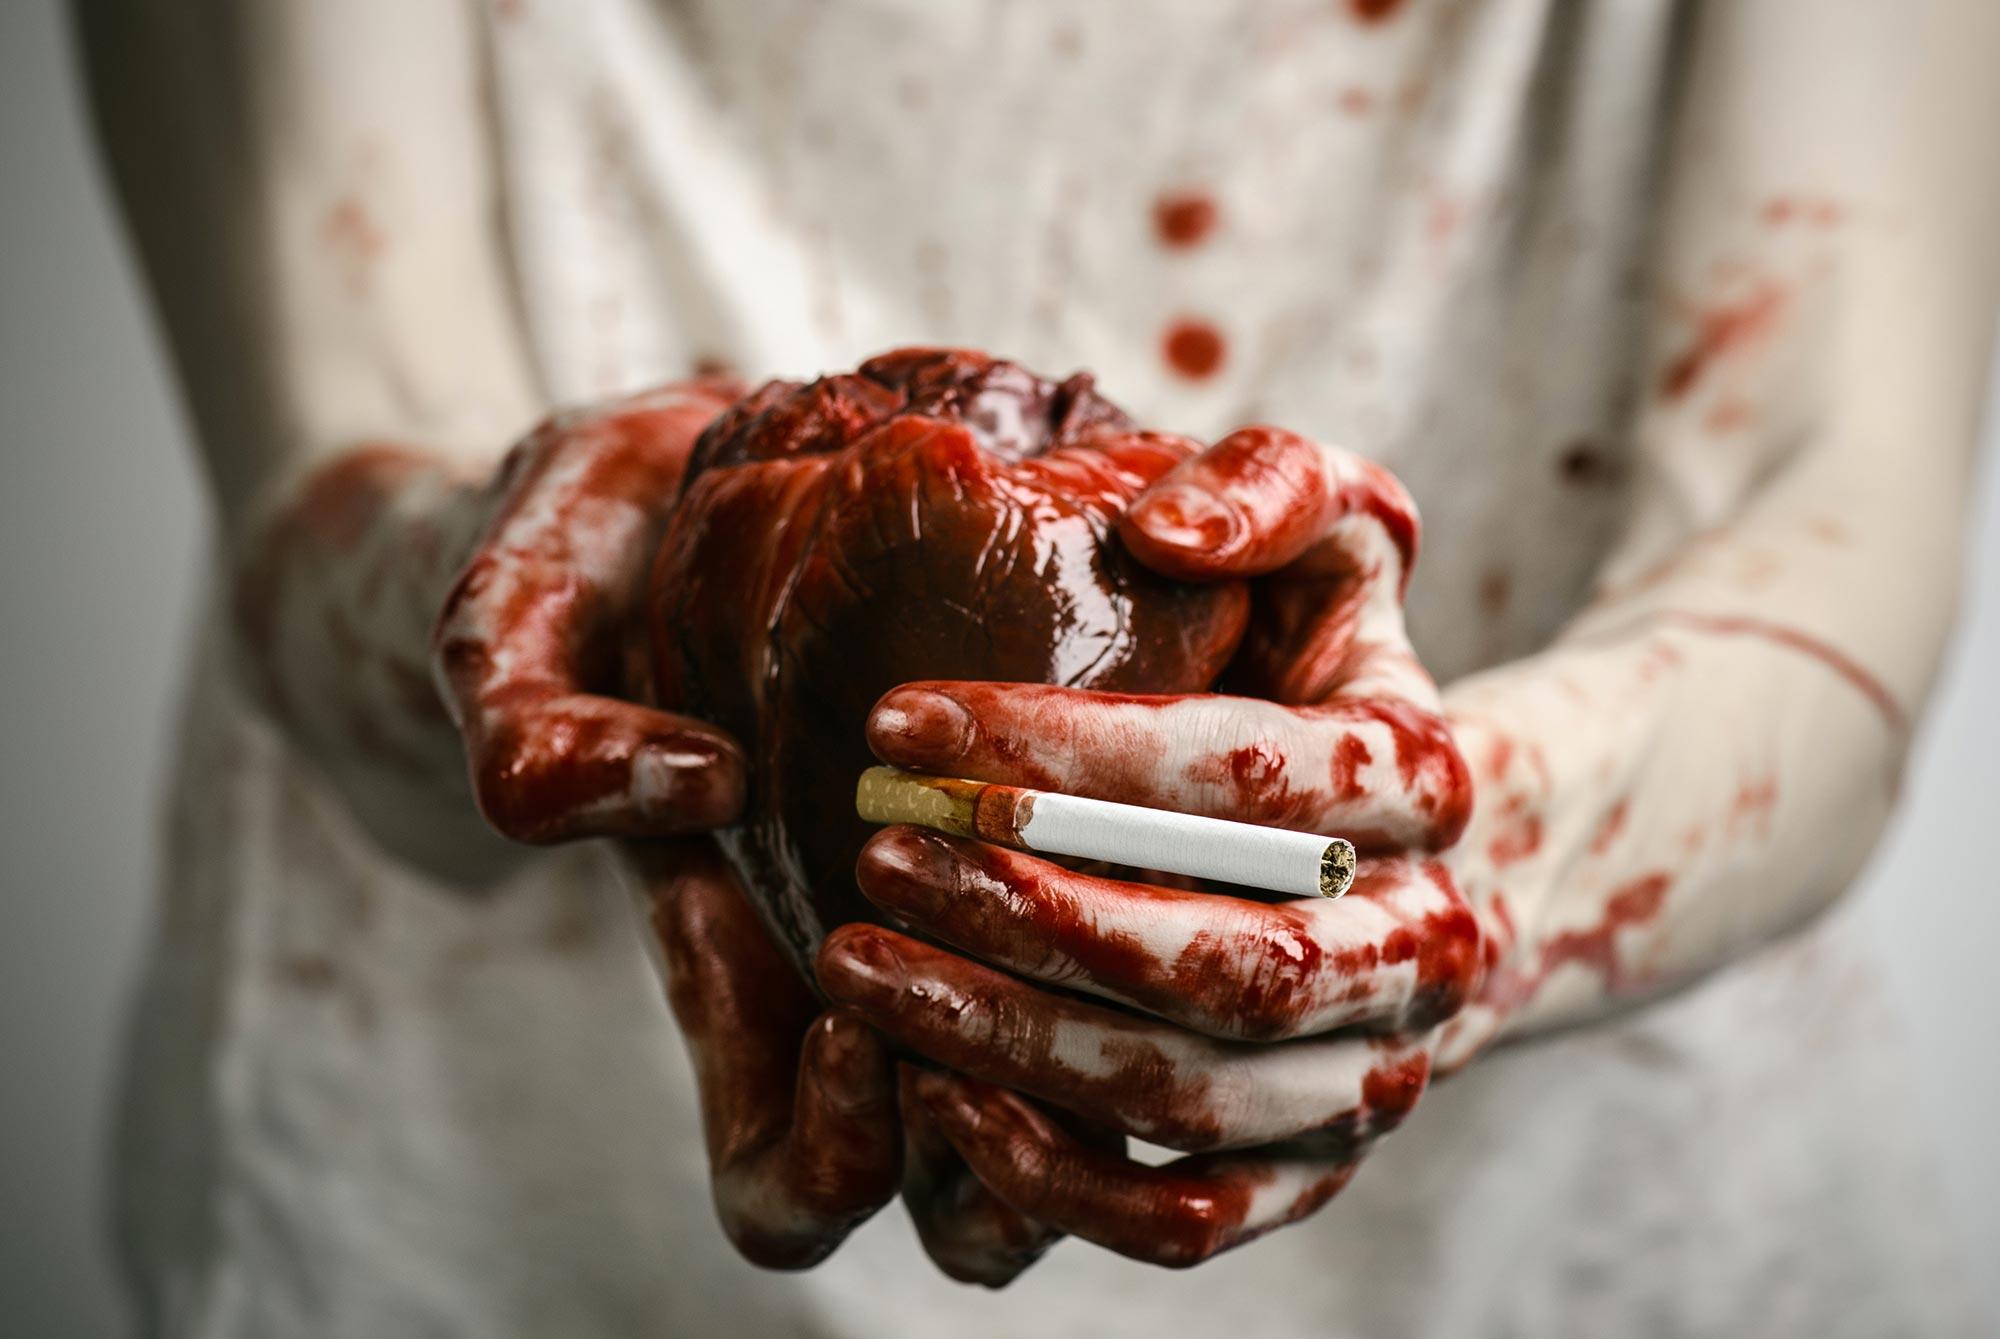 Herzschaden bei Rauchern - Anfälliger gegen Infekte